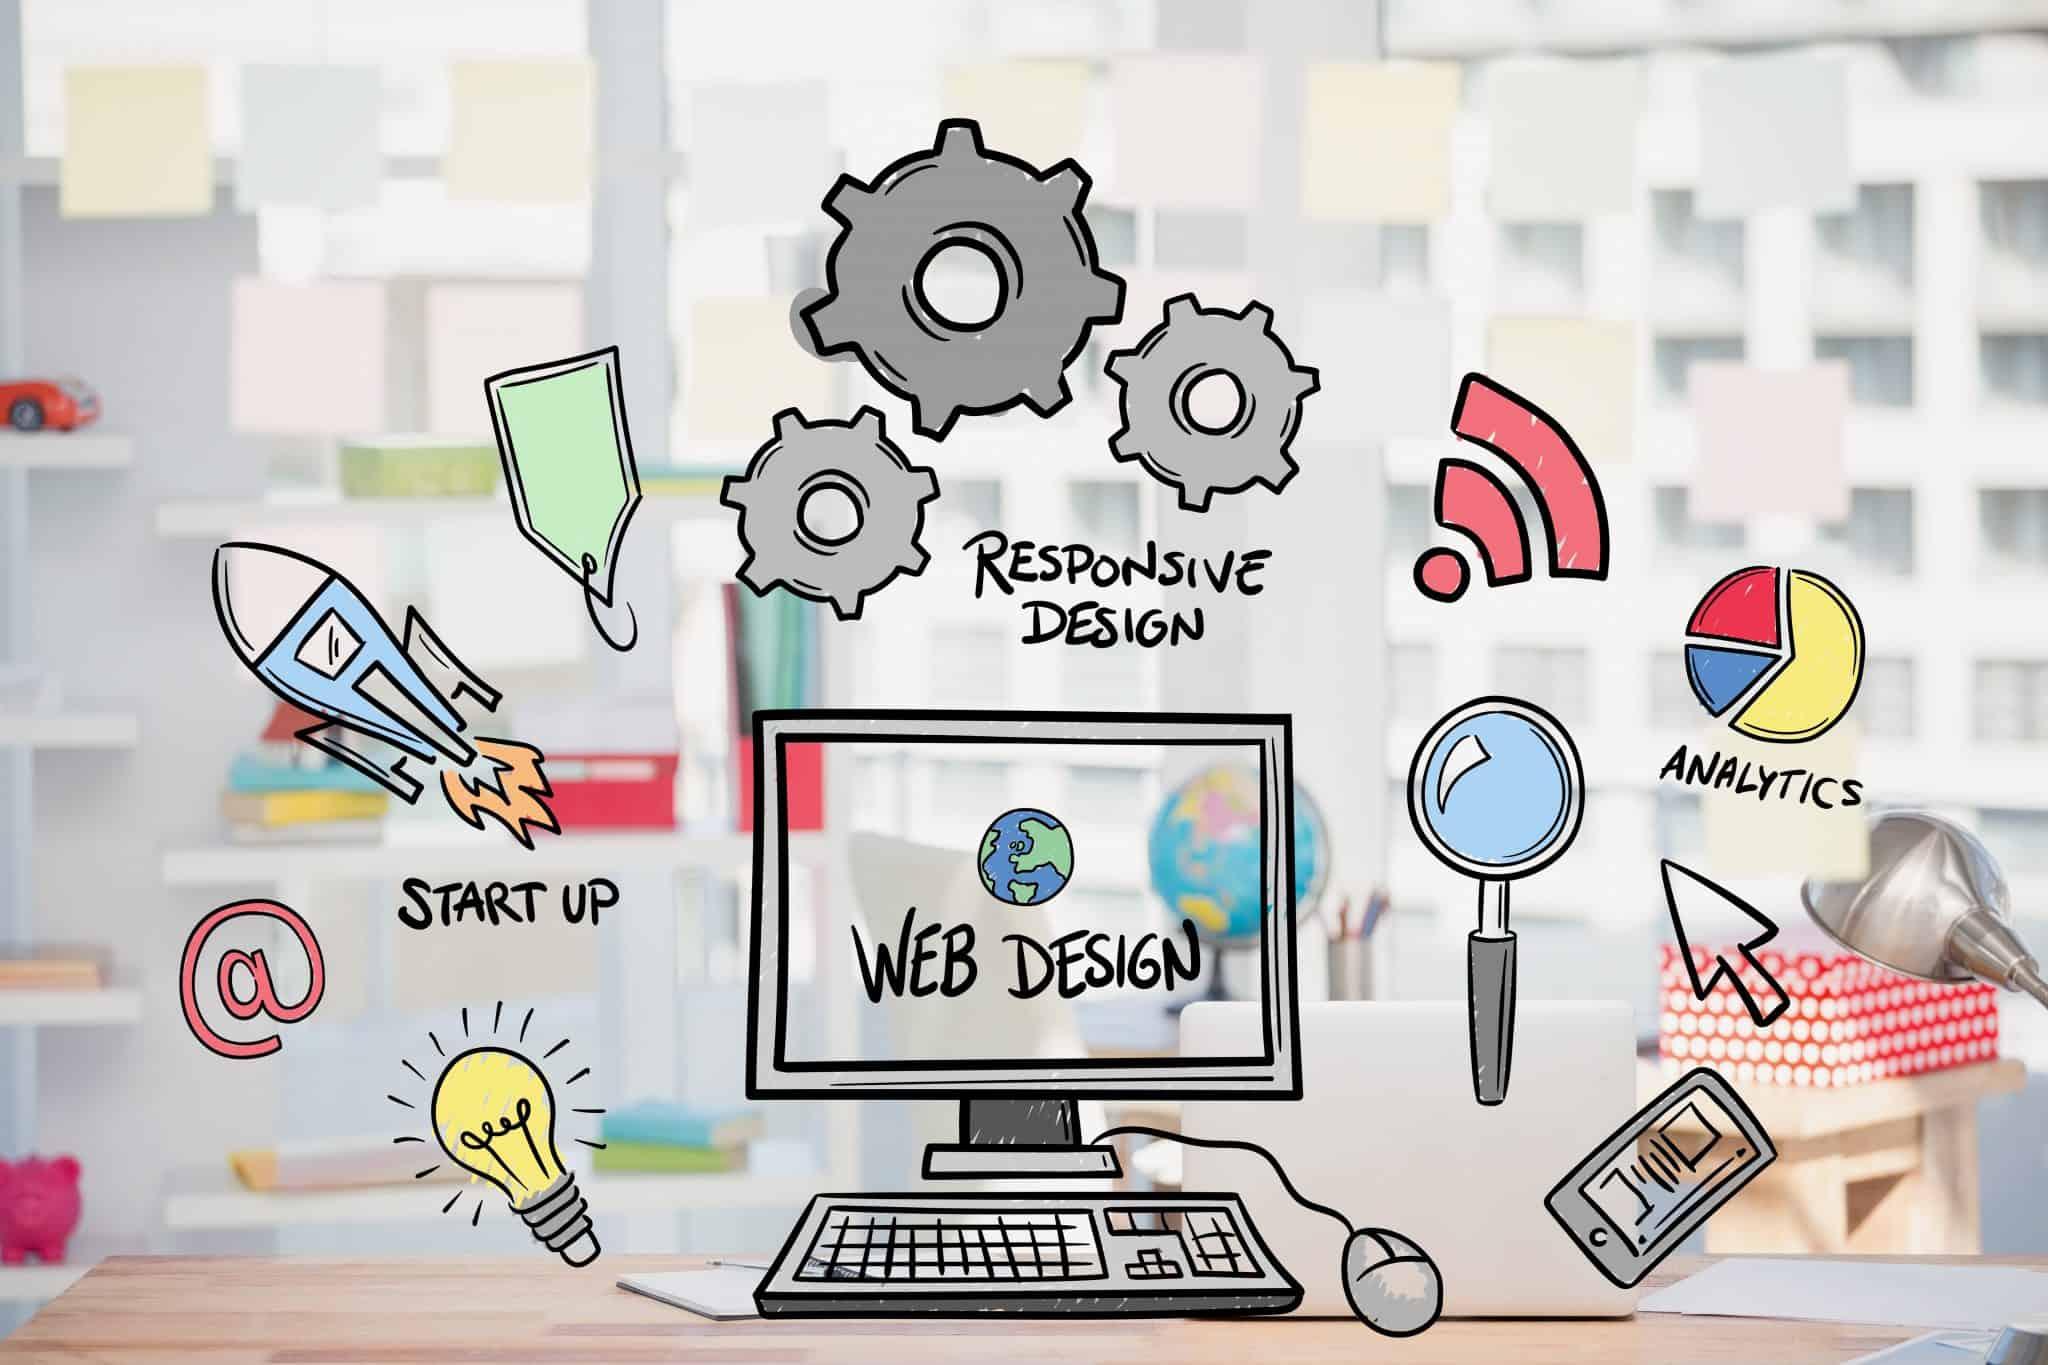 وكالة كرو ارت افضل شركه تقدم خدمات تصميم المواقع الالكترونيه و التسويق الالكتروني و الدعاية و الاعلانات و التصوير و المونتاج